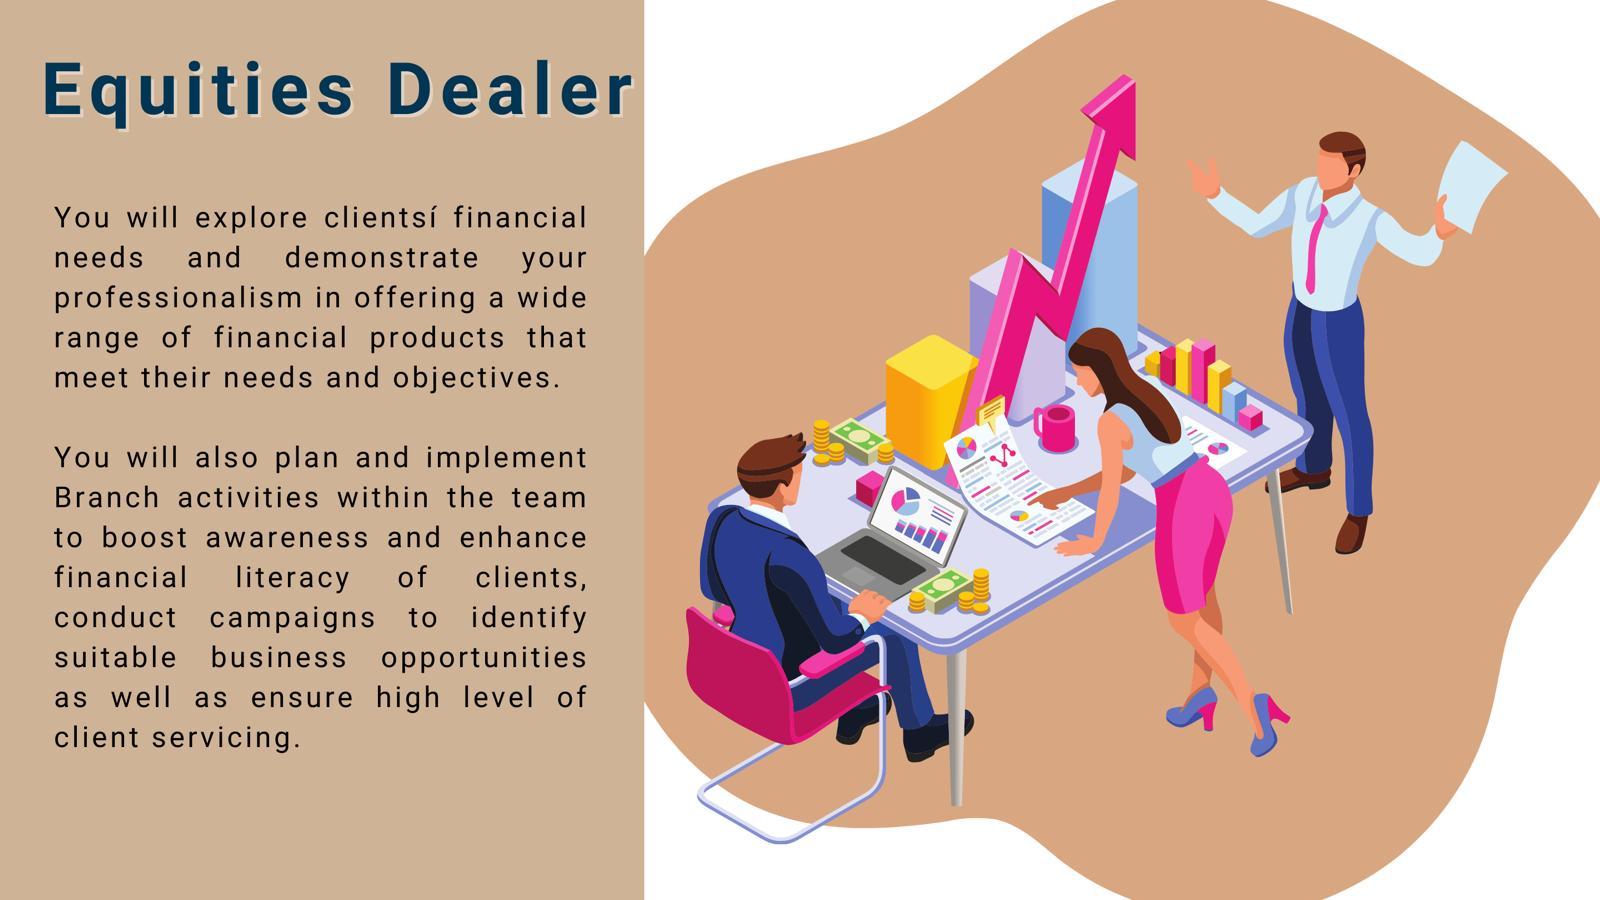 Equities Dealer